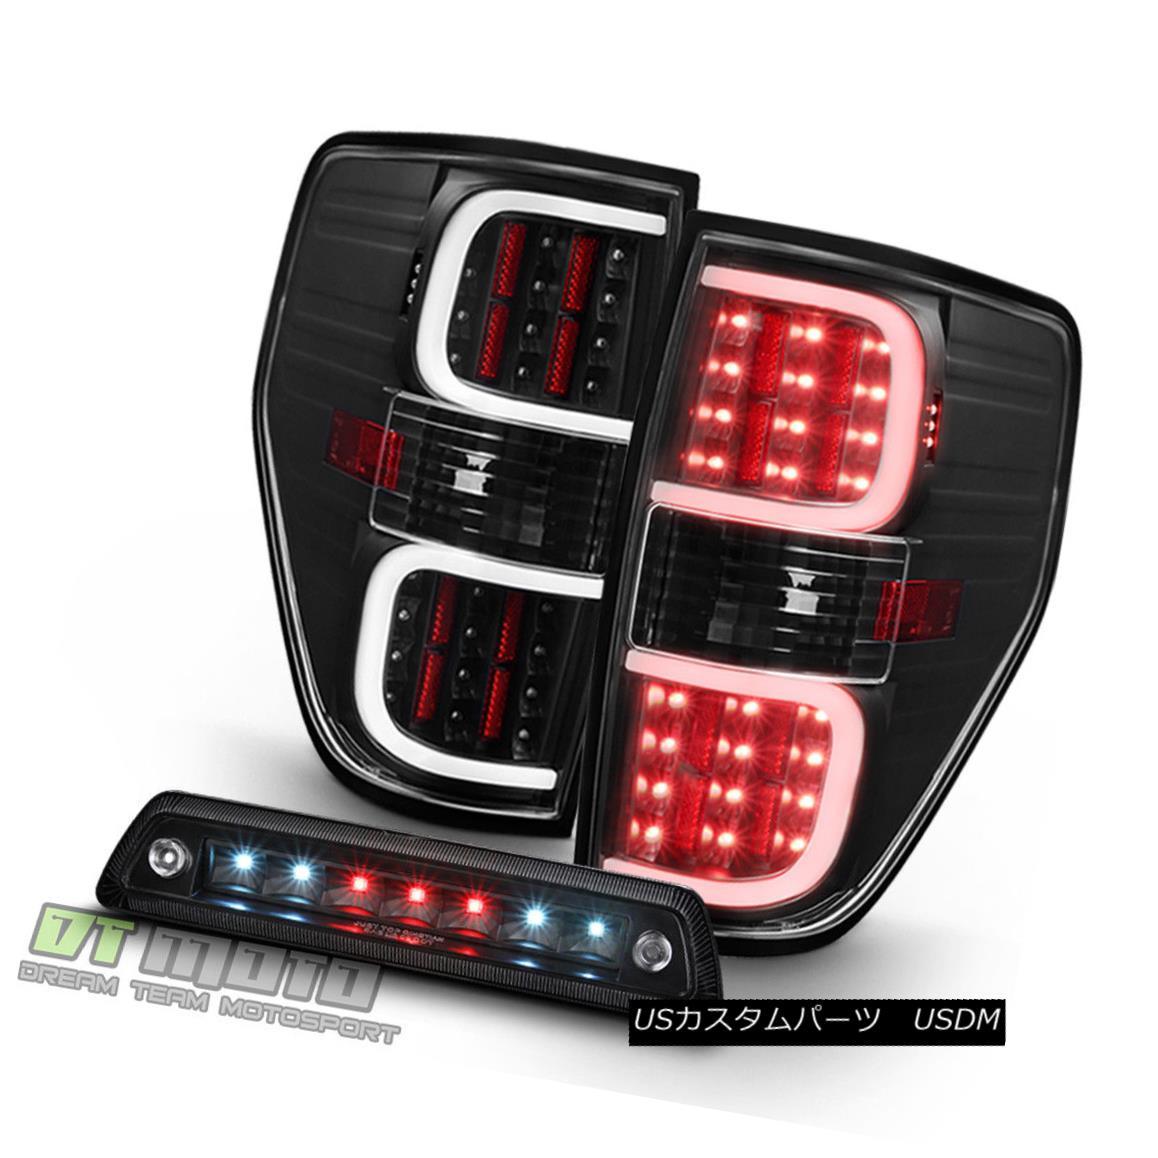 テールライト Black 2009-2014 Ford F150 LED Dual Tube Tail Lights+LED 3rd Brake Cargo Lamp Set ブラック2009-2014フォードF150 LEDデュアルチューブテールライト+ LED第3ブレーキカーゴランプセット